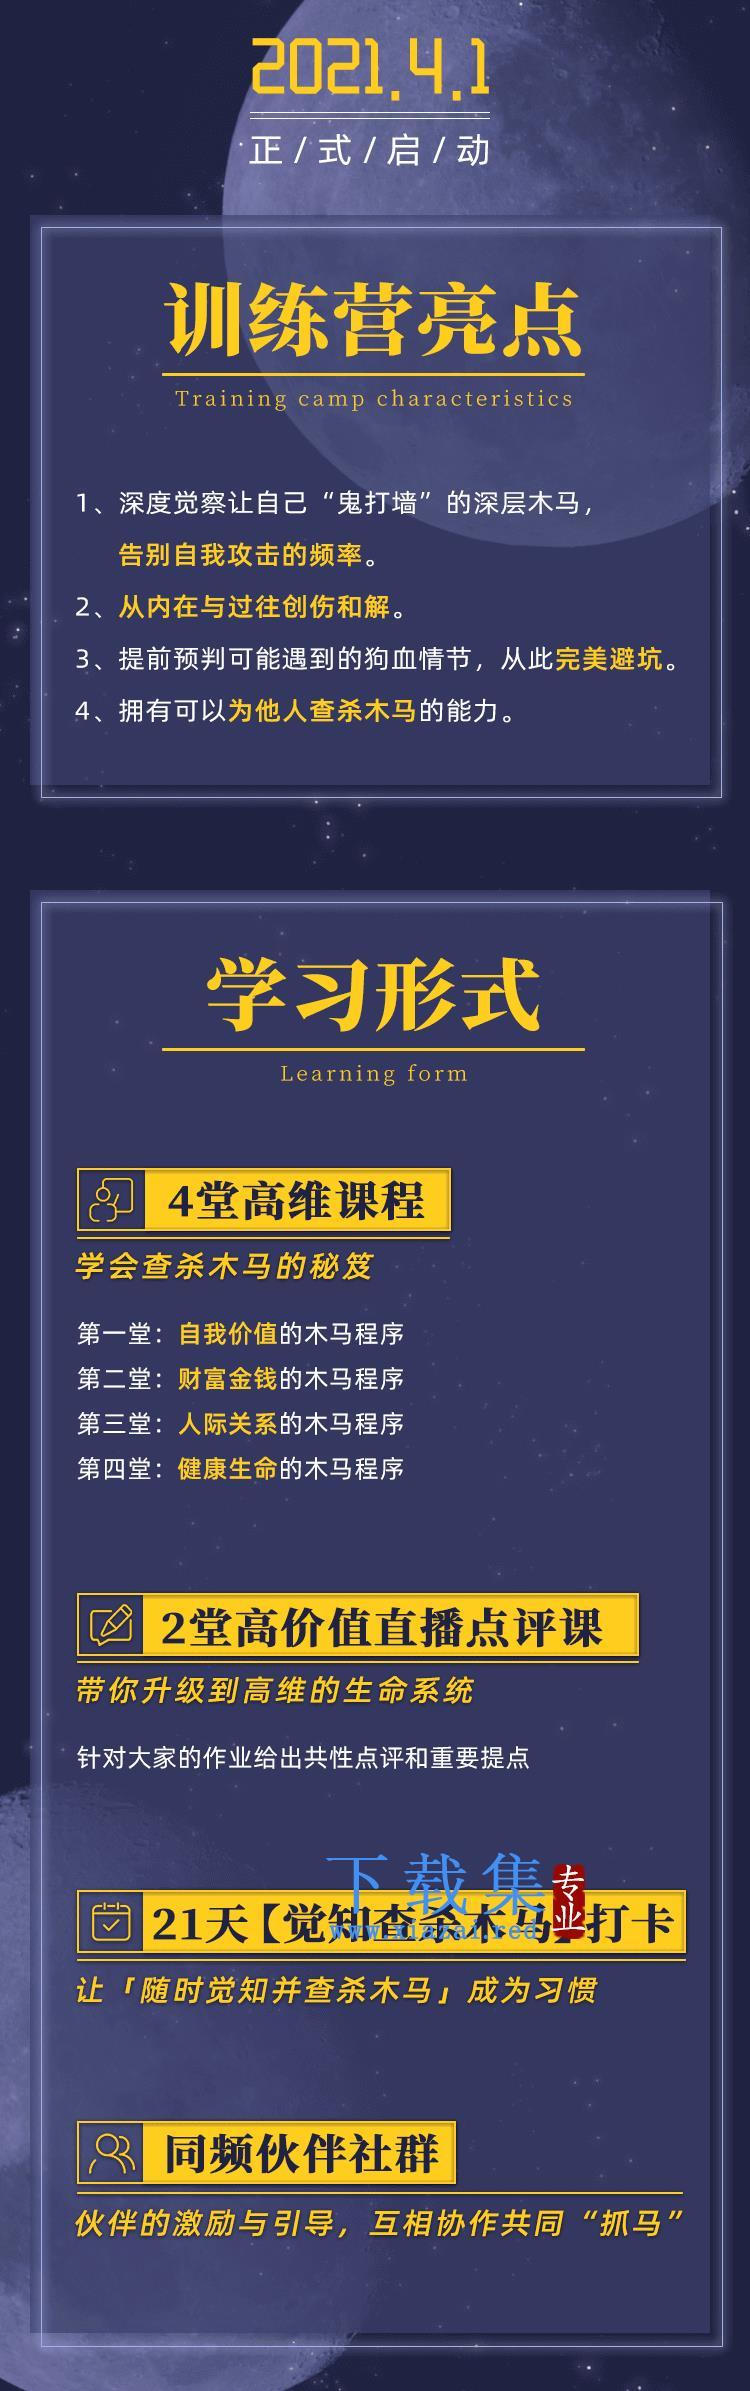 李欣频《人类木马研究所21天训练营》